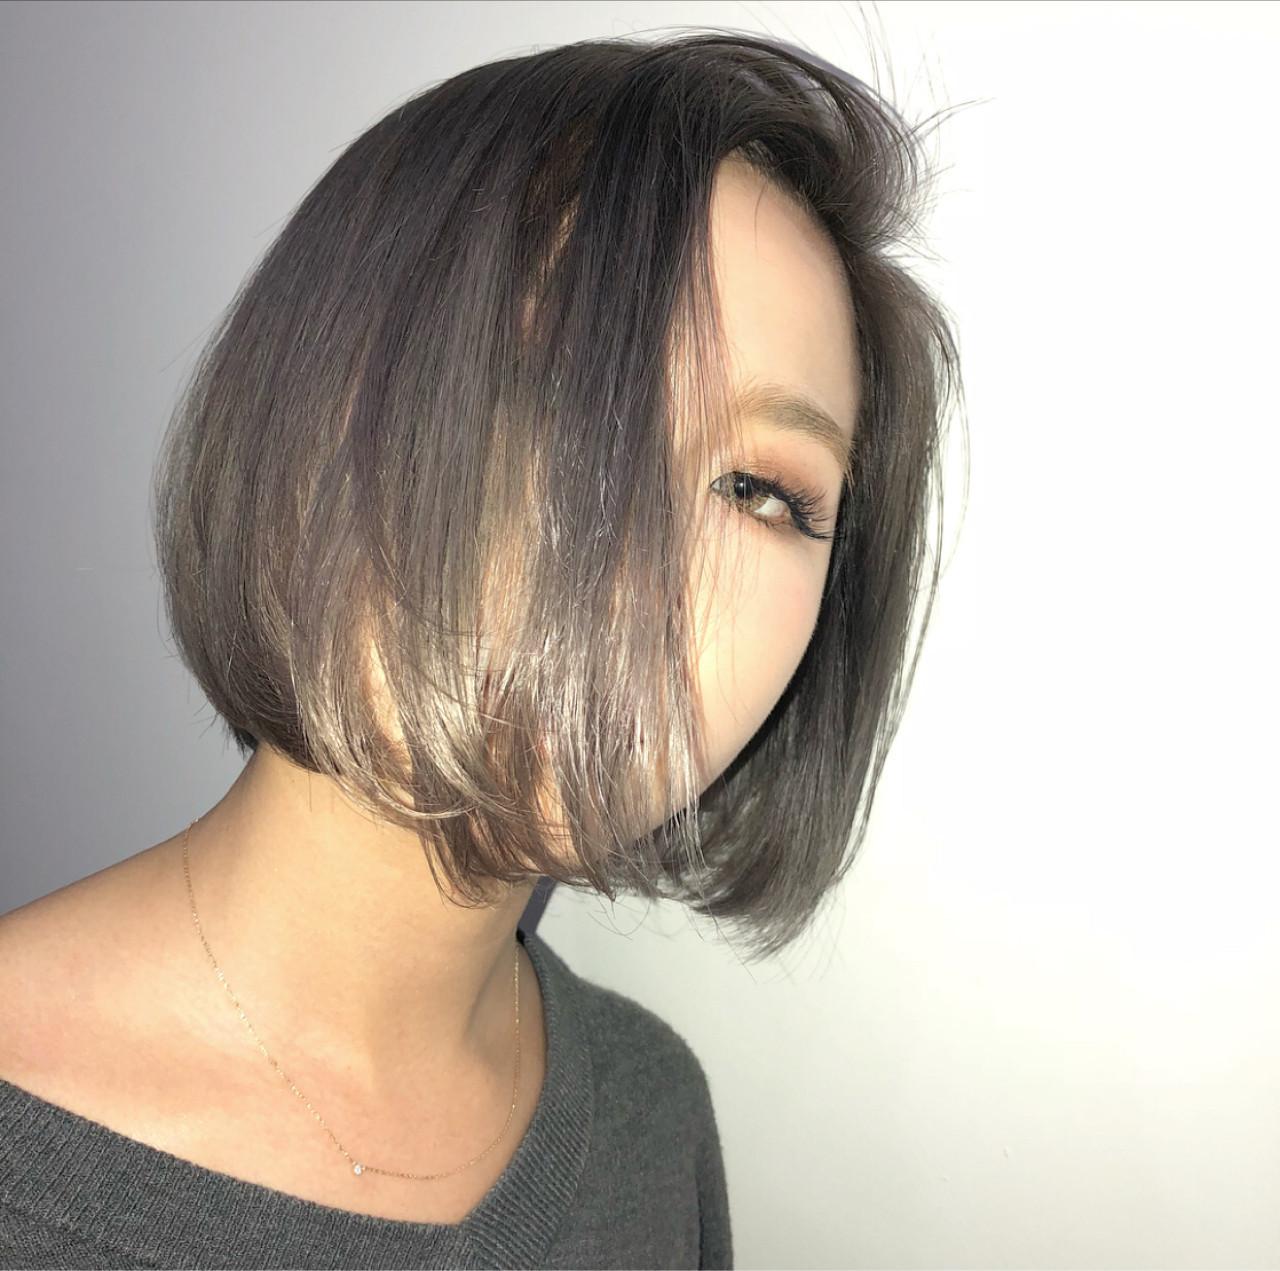 グレージュ アッシュ ストリート アッシュグレー ヘアスタイルや髪型の写真・画像